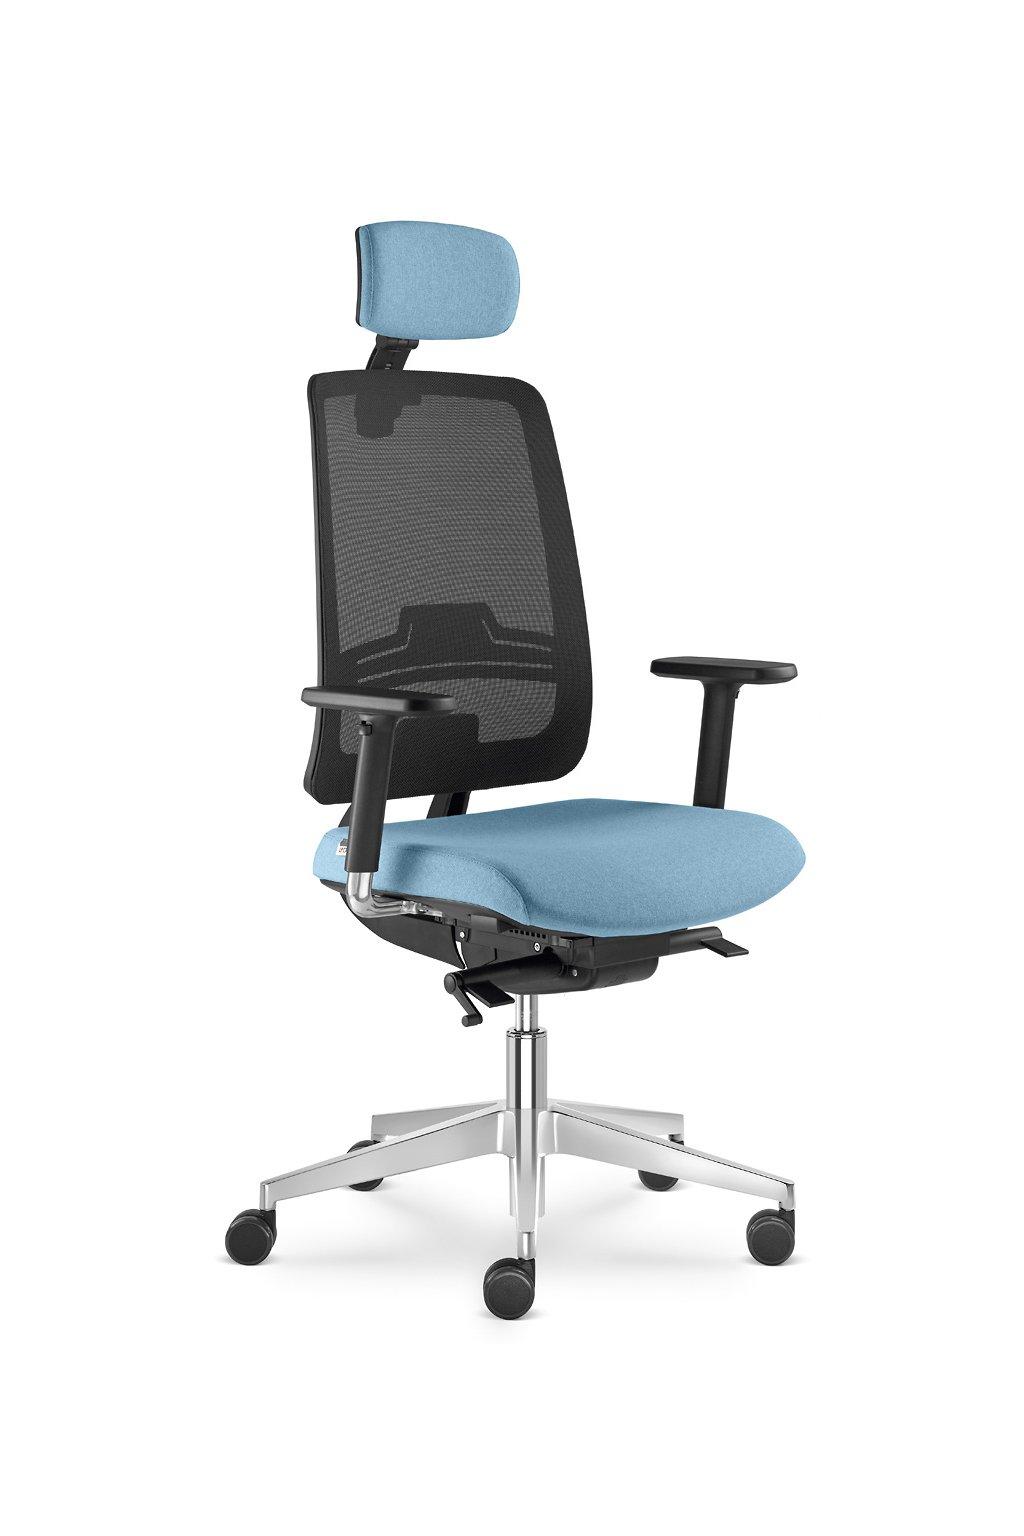 Kancelářská židle SWING 515 SYS - P - BR209